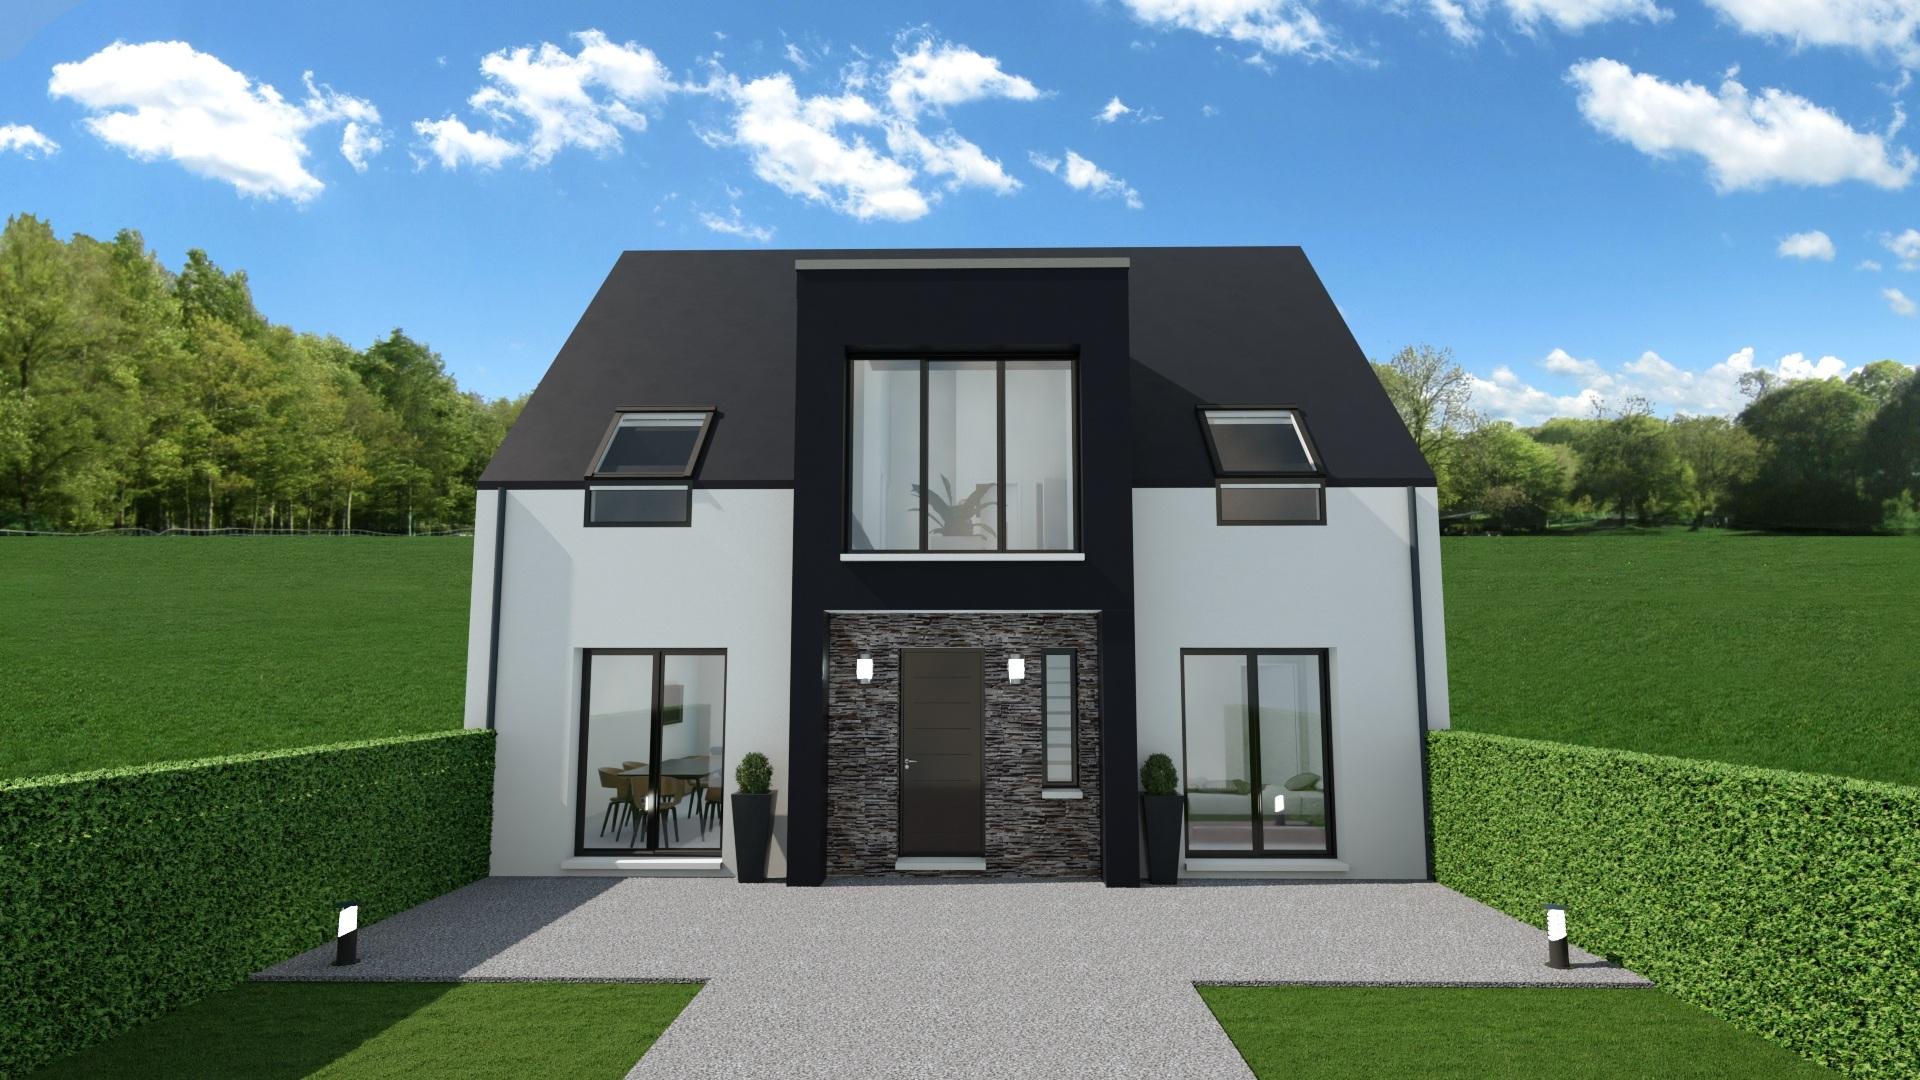 Maisons + Terrains du constructeur Les maisons Lelievre • 125 m² • CORMEILLES EN PARISIS